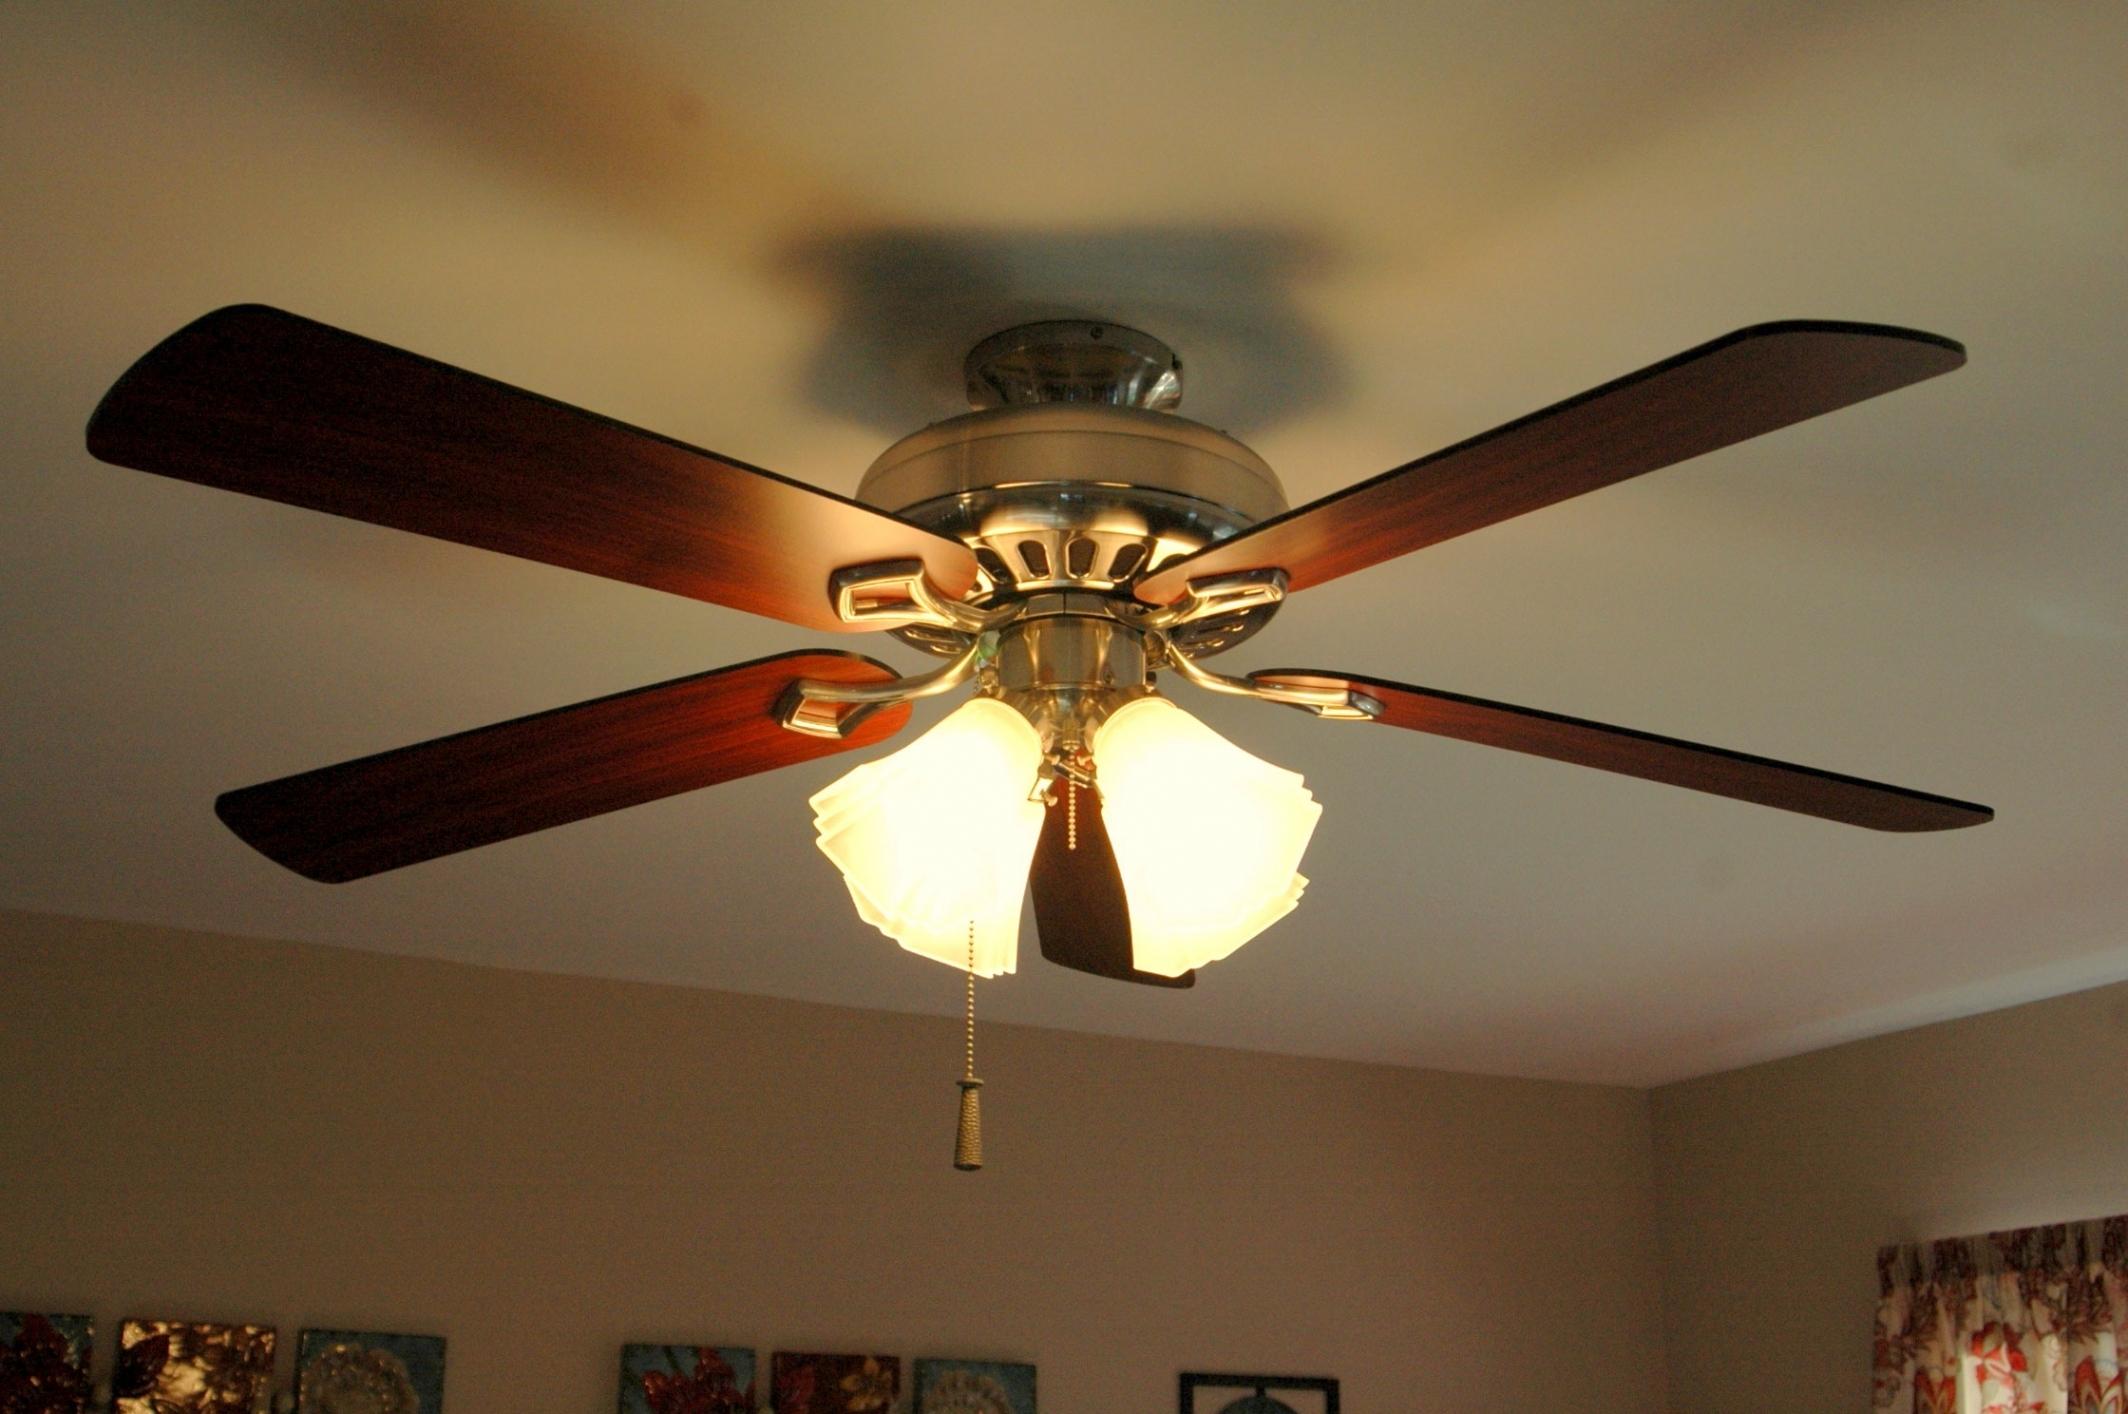 Ceiling fan wind turbine pranksenders ceiling fan wind turbine theteenline org aloadofball Choice Image